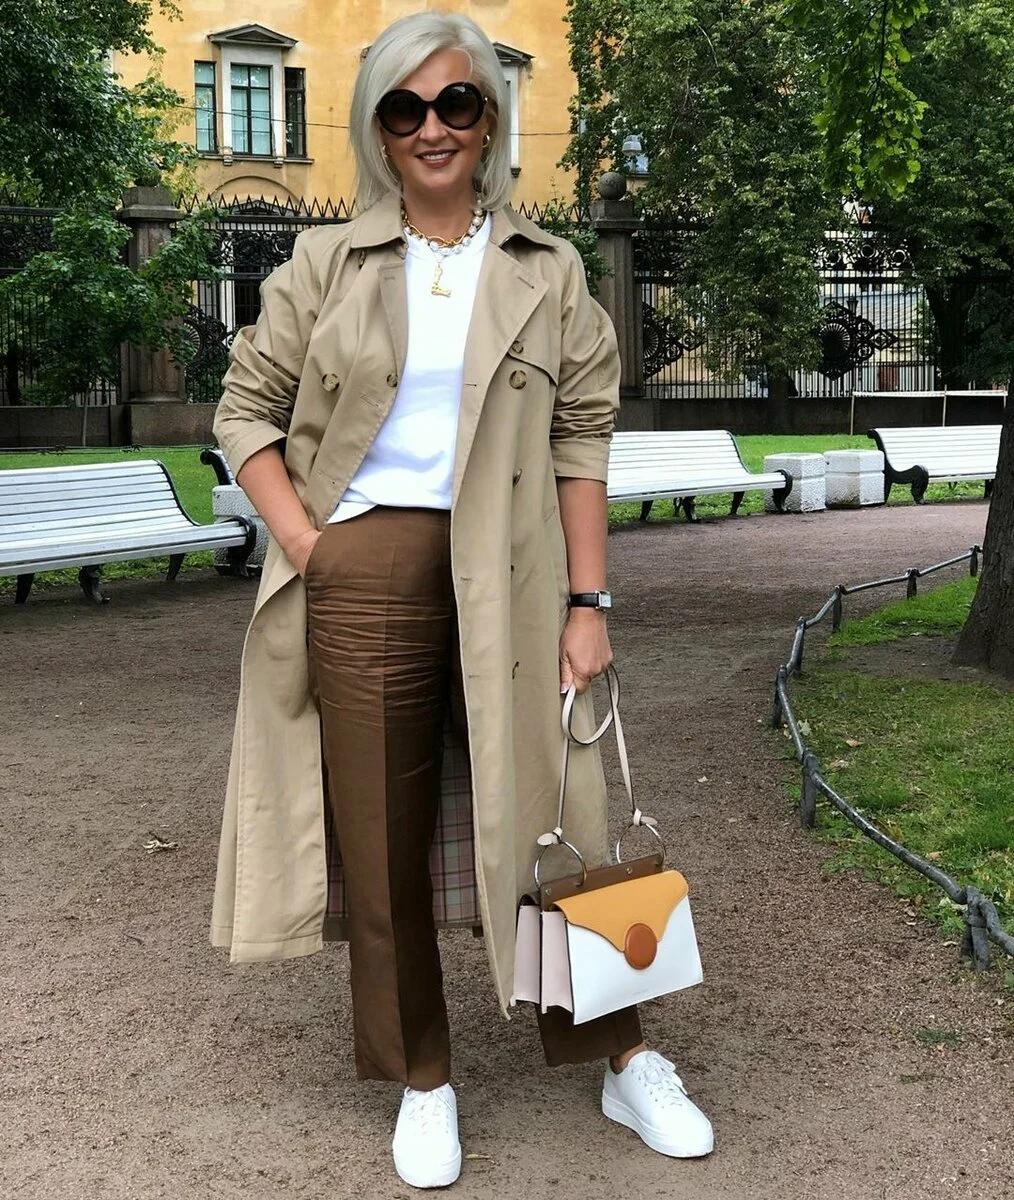 Почему русские женщины всегда стараются понравиться кому-то, а европейские одеваются так, как нравится им может, чтобы, мужчинам, одеваться, женщина, женщинам, очень, женщины, можно, просто, жизнь, только, всегда, замужем, ничего, потом, важно, нравится, нужно, нашей